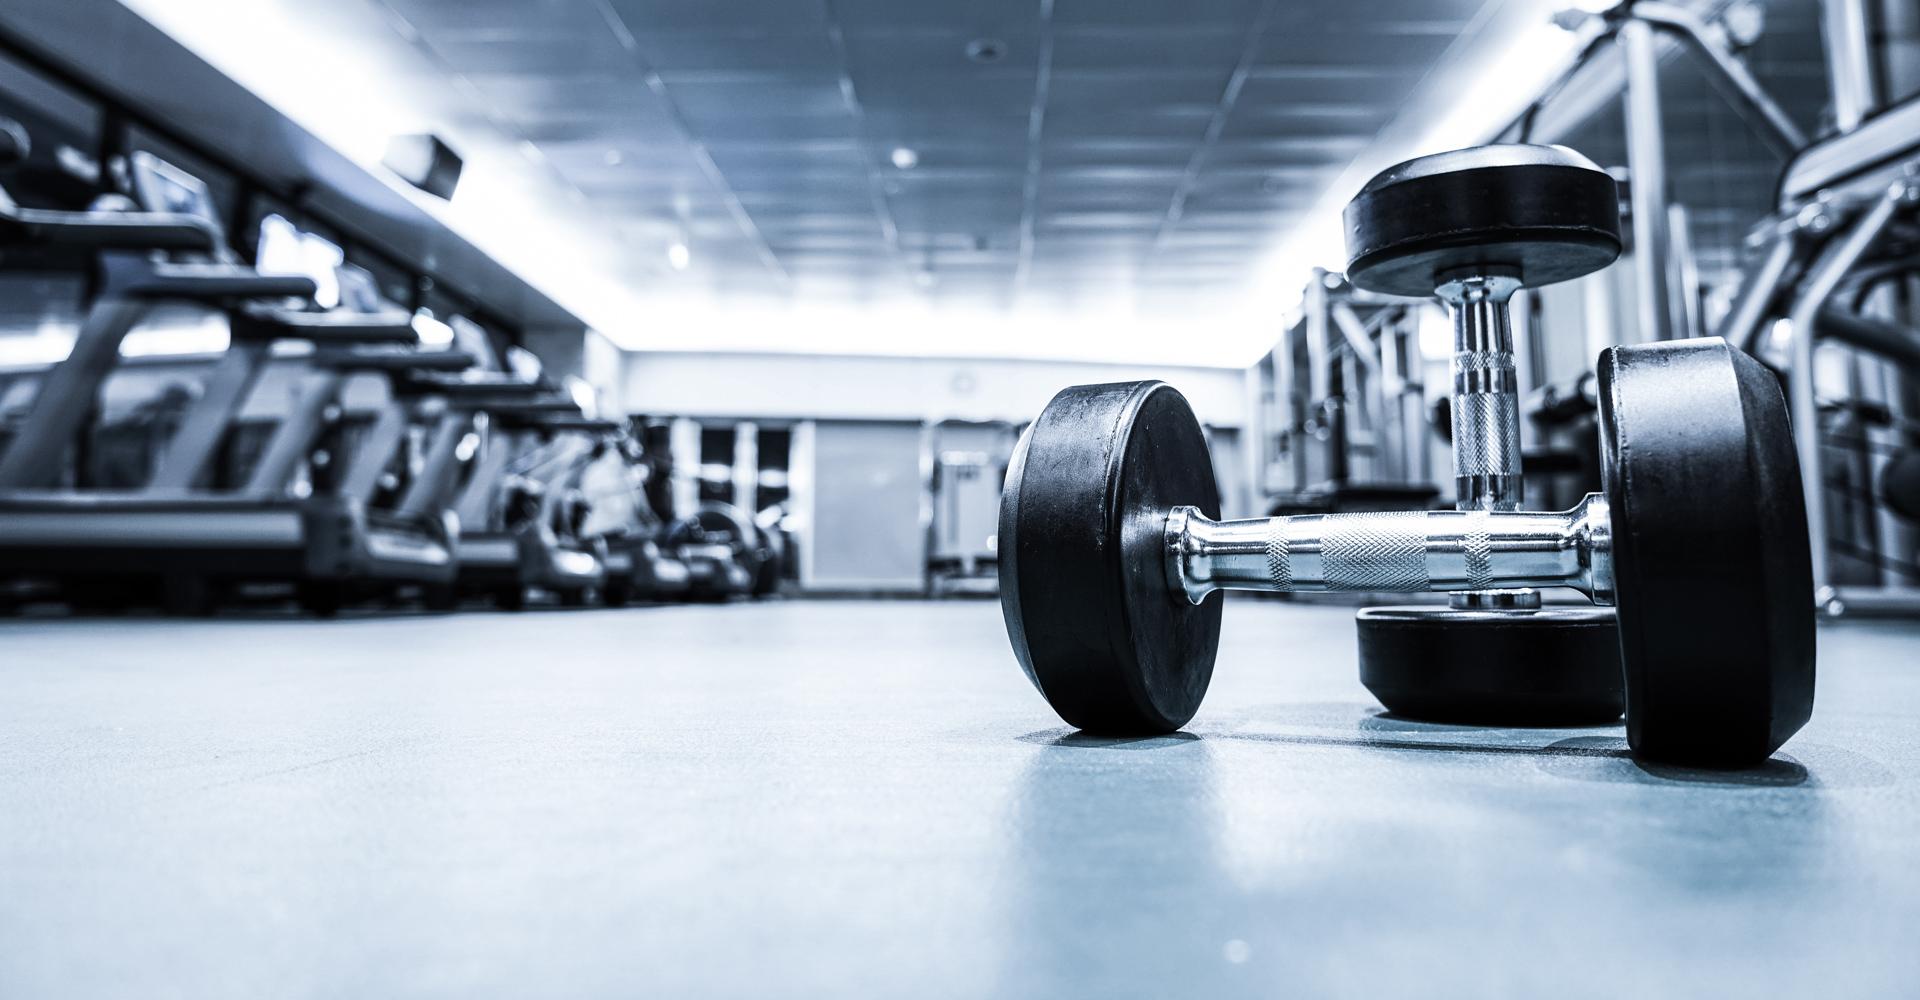 Sportvloer voor gewichten